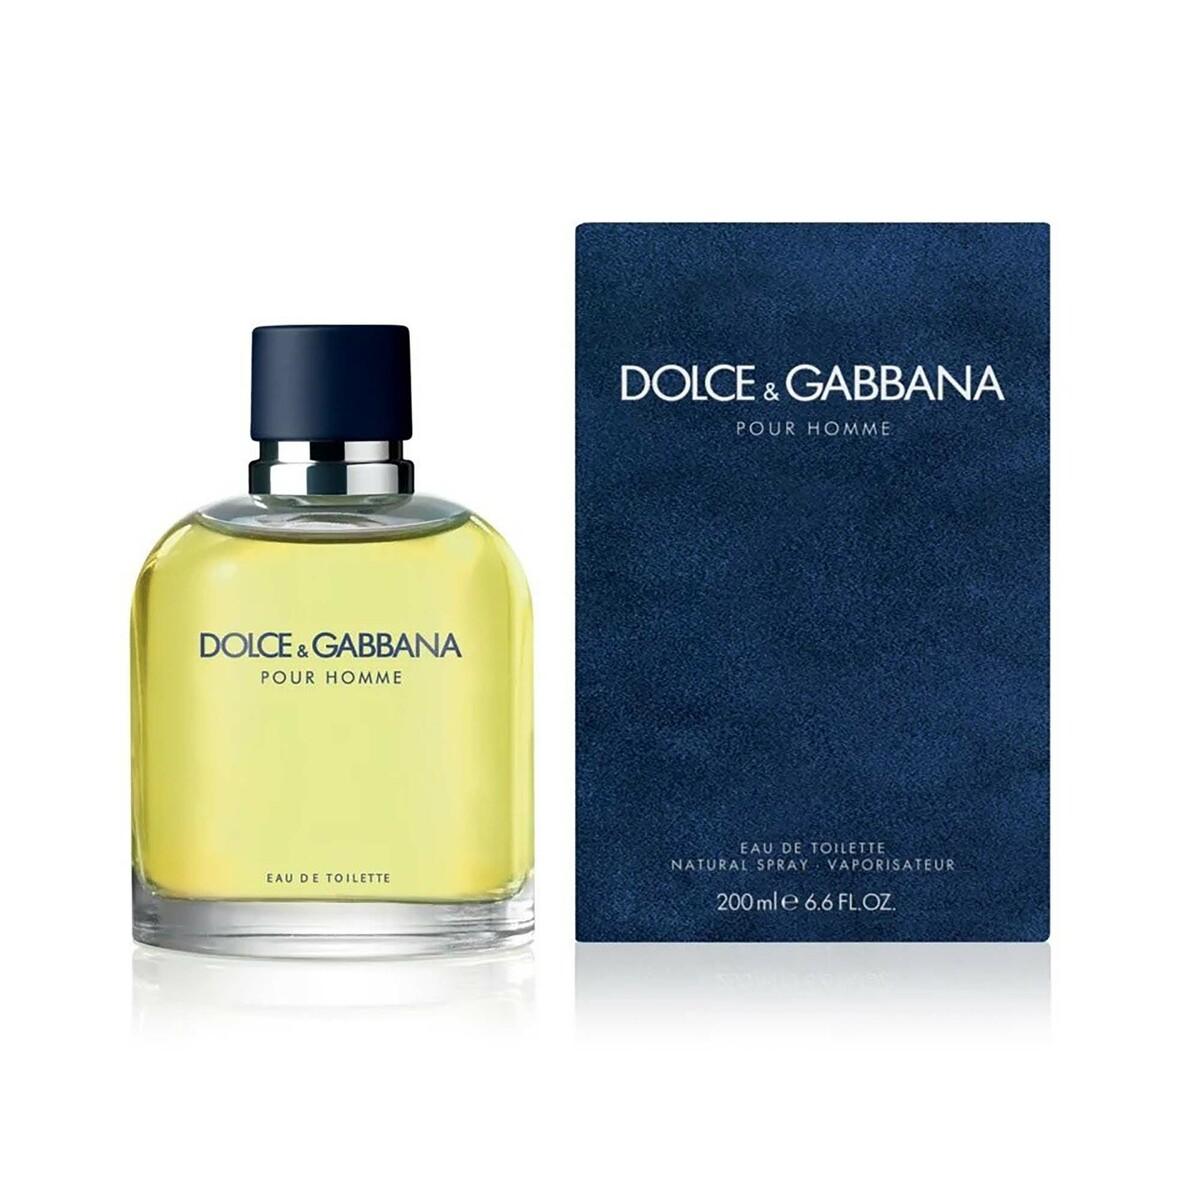 Dolce & Gabbana Pour Homme Eau De Toilette For Men 200ml